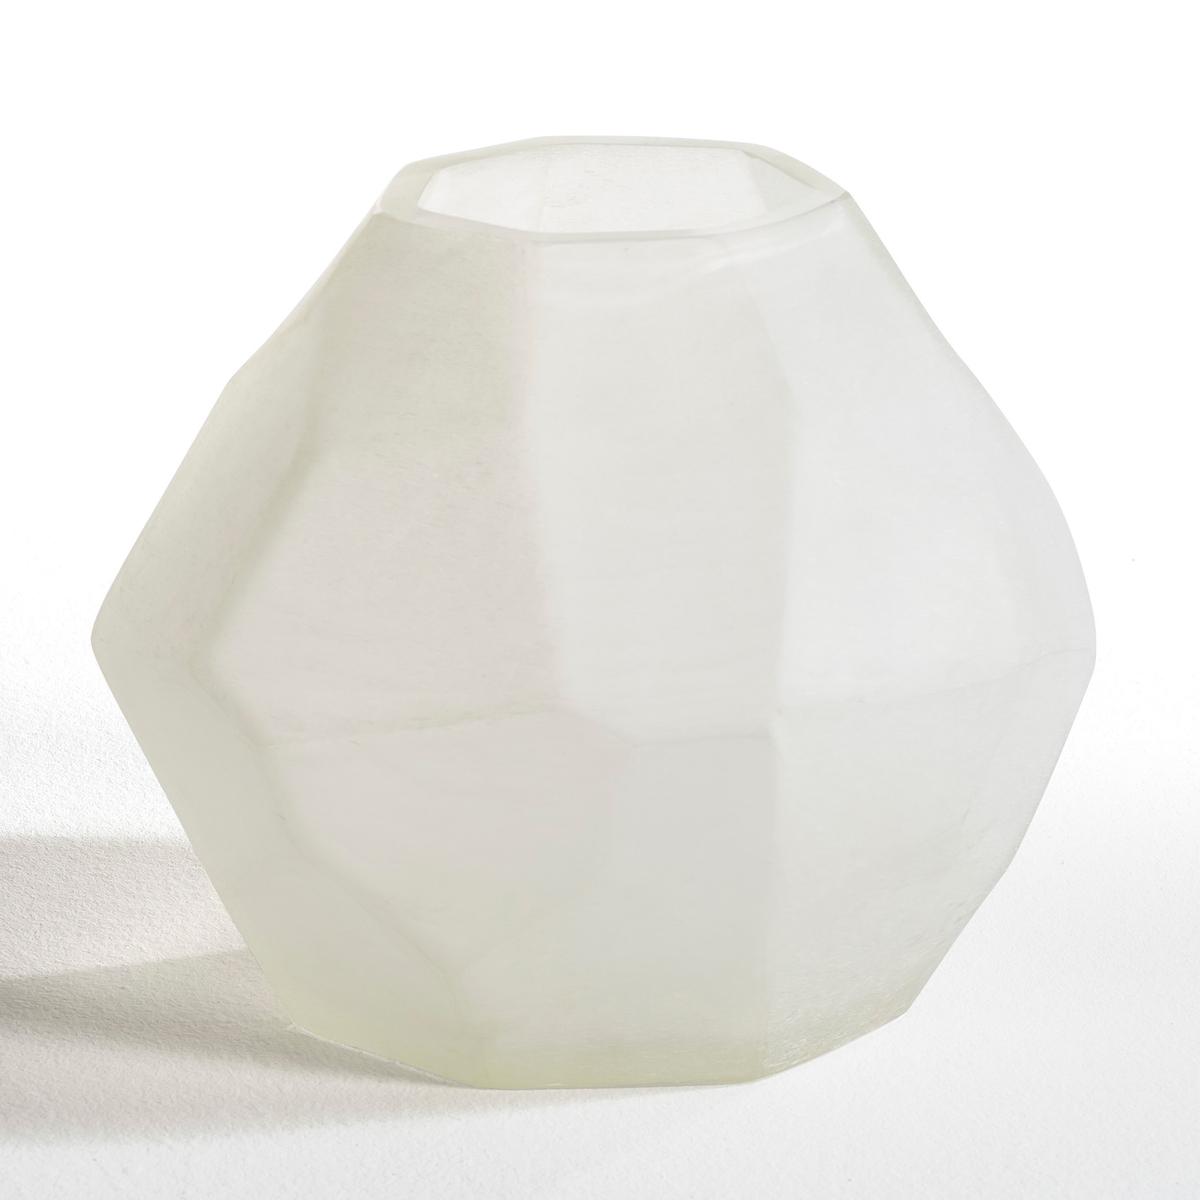 Ваза TelaГраненая ваза Tela.Характеристики: :- Из белого стекла с пескоструйной обработкой.Размеры :- Высота.24,5 x Диаметр.28,5 см<br><br>Цвет: песочно-белый<br>Размер: единый размер